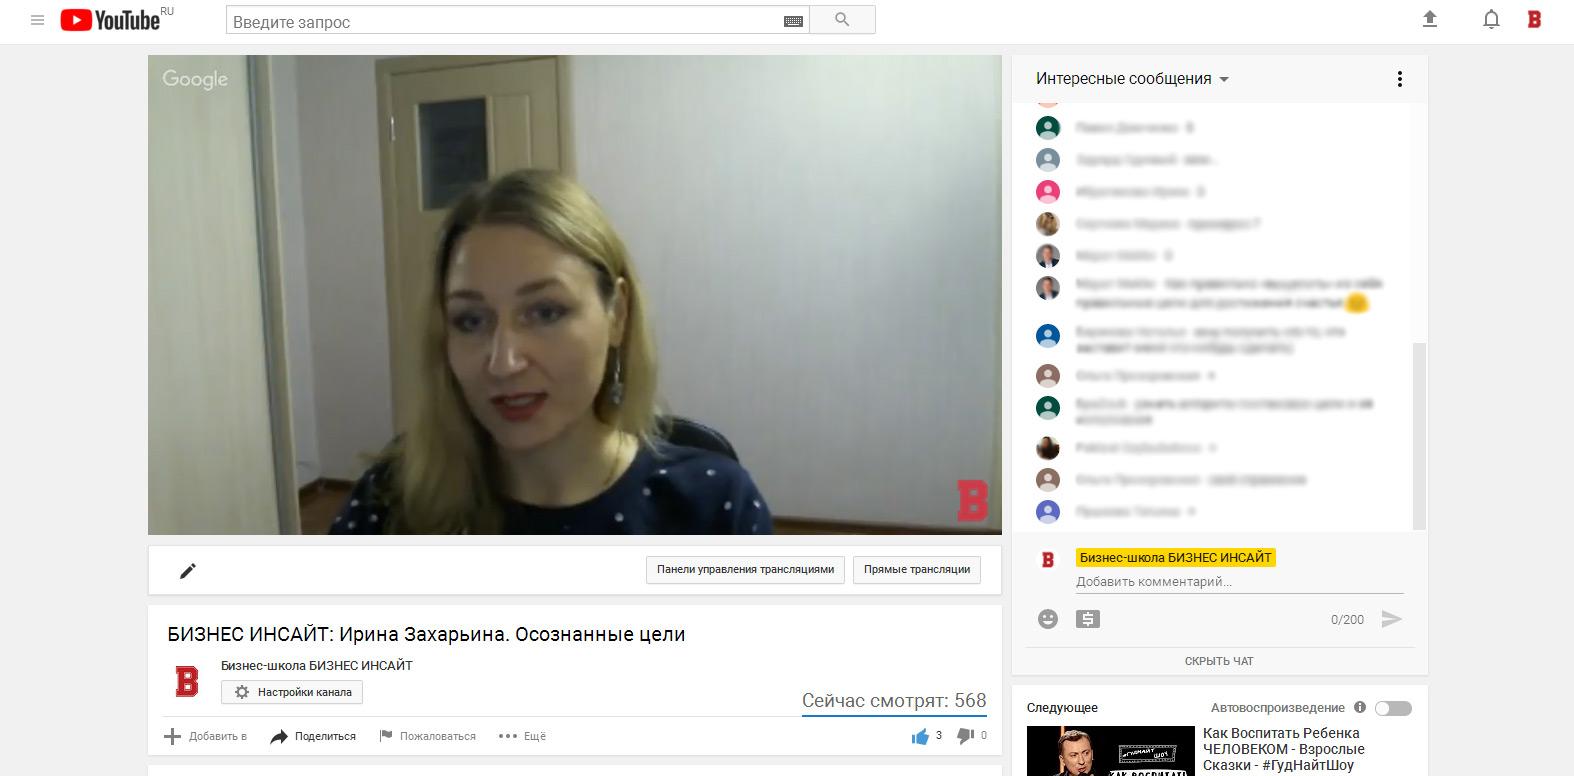 Ирина Захарьина провела открытый (бесплатный) вебинар на площадке БИЗНЕС ИНСАЙТ